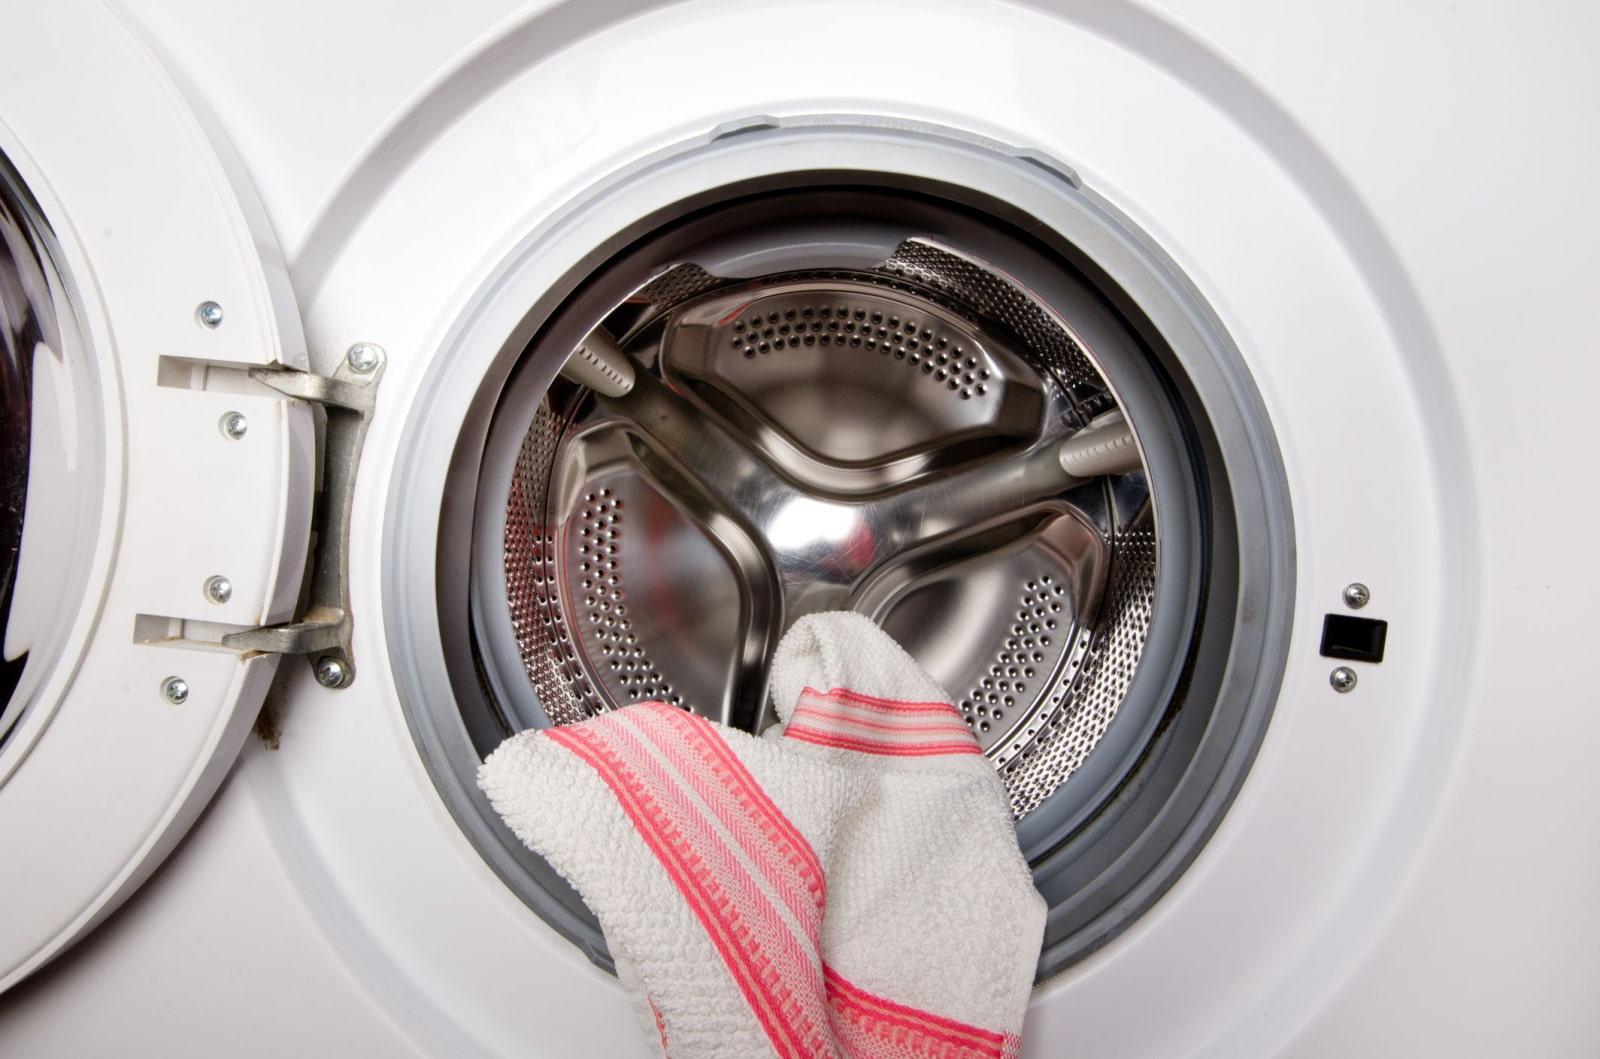 Чистка стиральной машины и фильтра от грязи: обзор средств и методов чистки